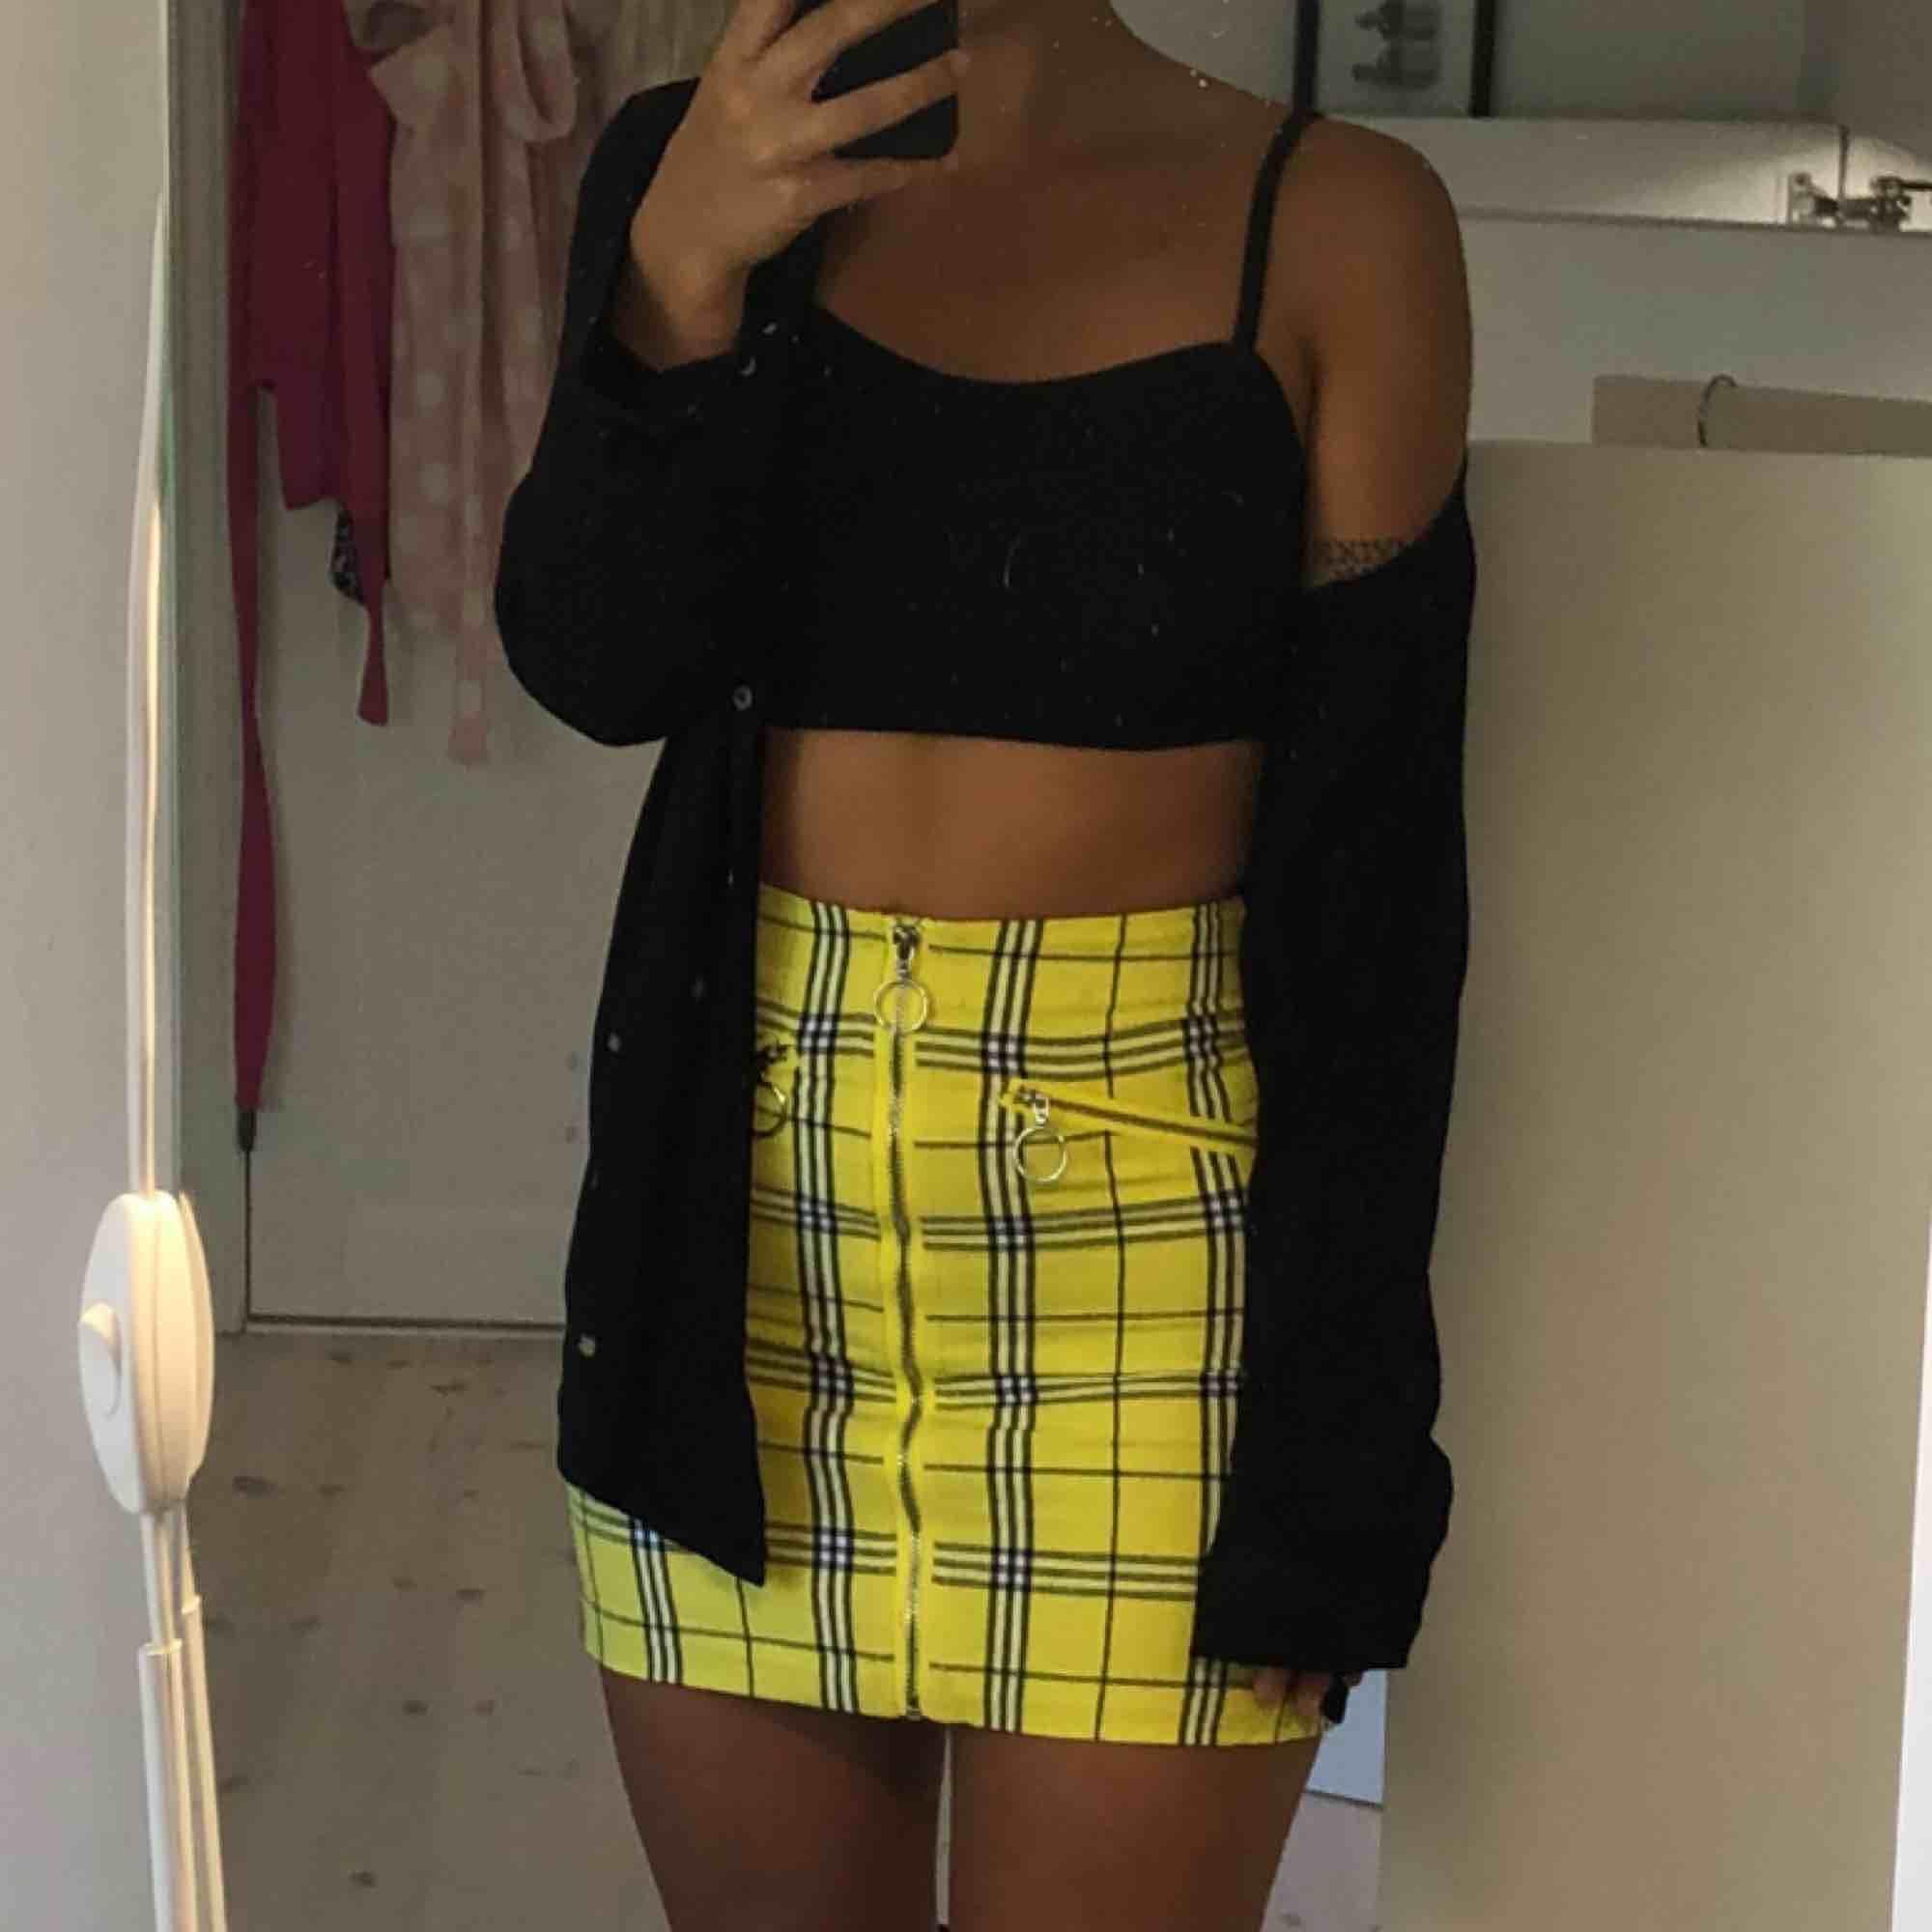 Skitball kjol med dragkedja fram. Passar en storlek XS. Köpt i Australien på Factorie. Aldrig använd bara provad. Prislapp kvar. Kjolar.